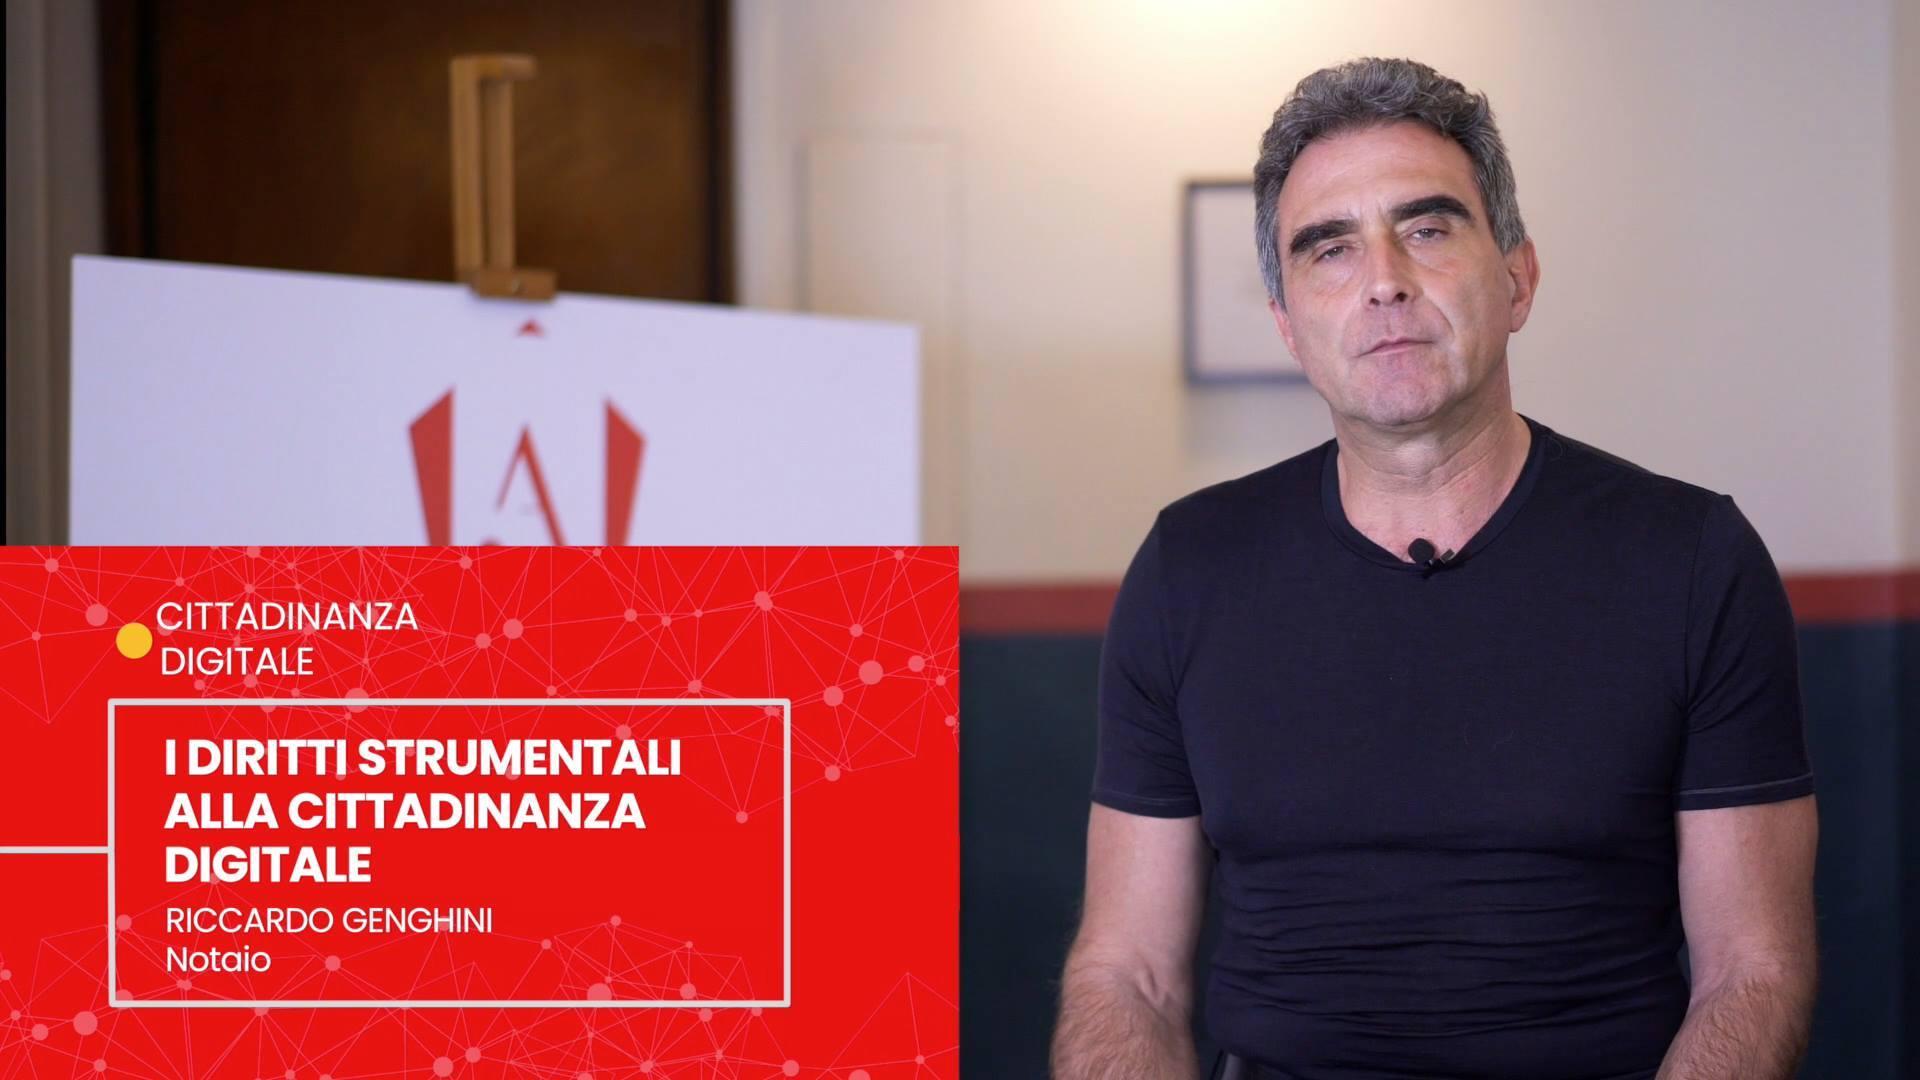 RICCARDO GENGHINI - I DIRITTI STRUMENTALI ALLA CITTADINANZA DIGITALE